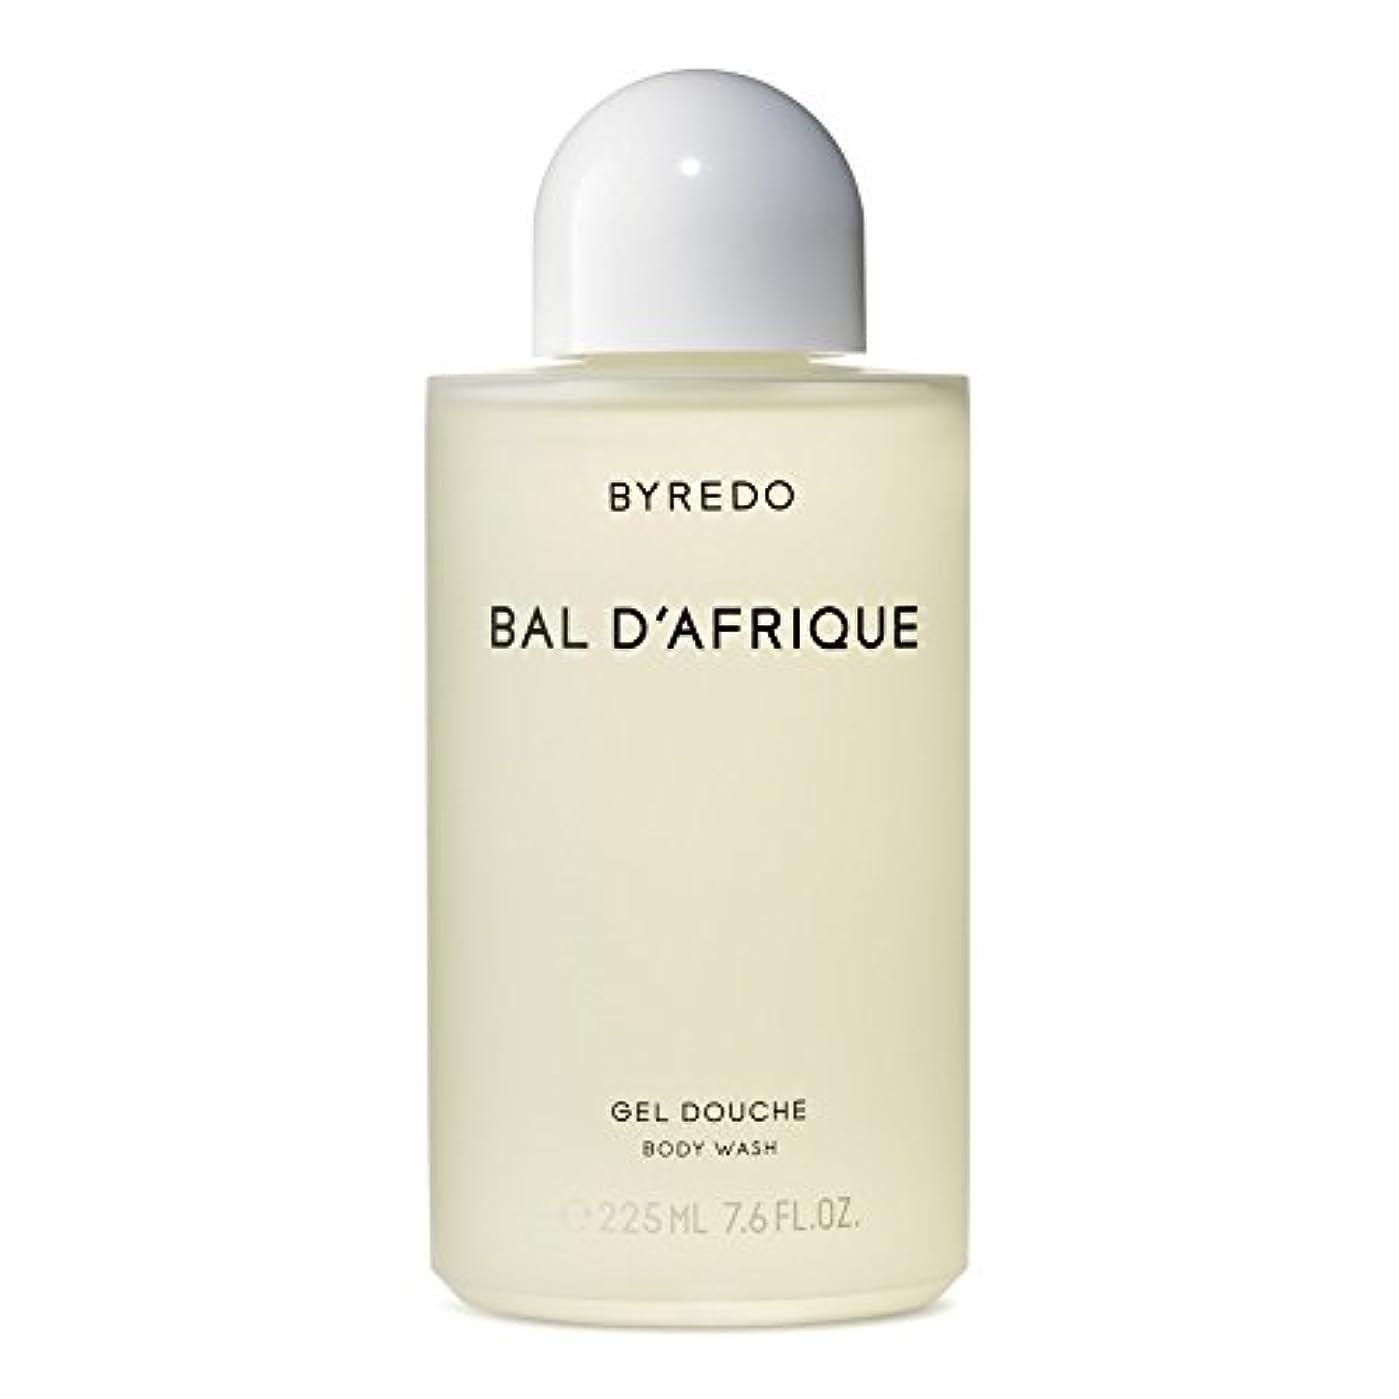 曲バンジージャンプかわすByredo Bal d'Afrique Body Wash 225ml (Pack of 6) - 'のボディウォッシュ225ミリリットル x6 [並行輸入品]